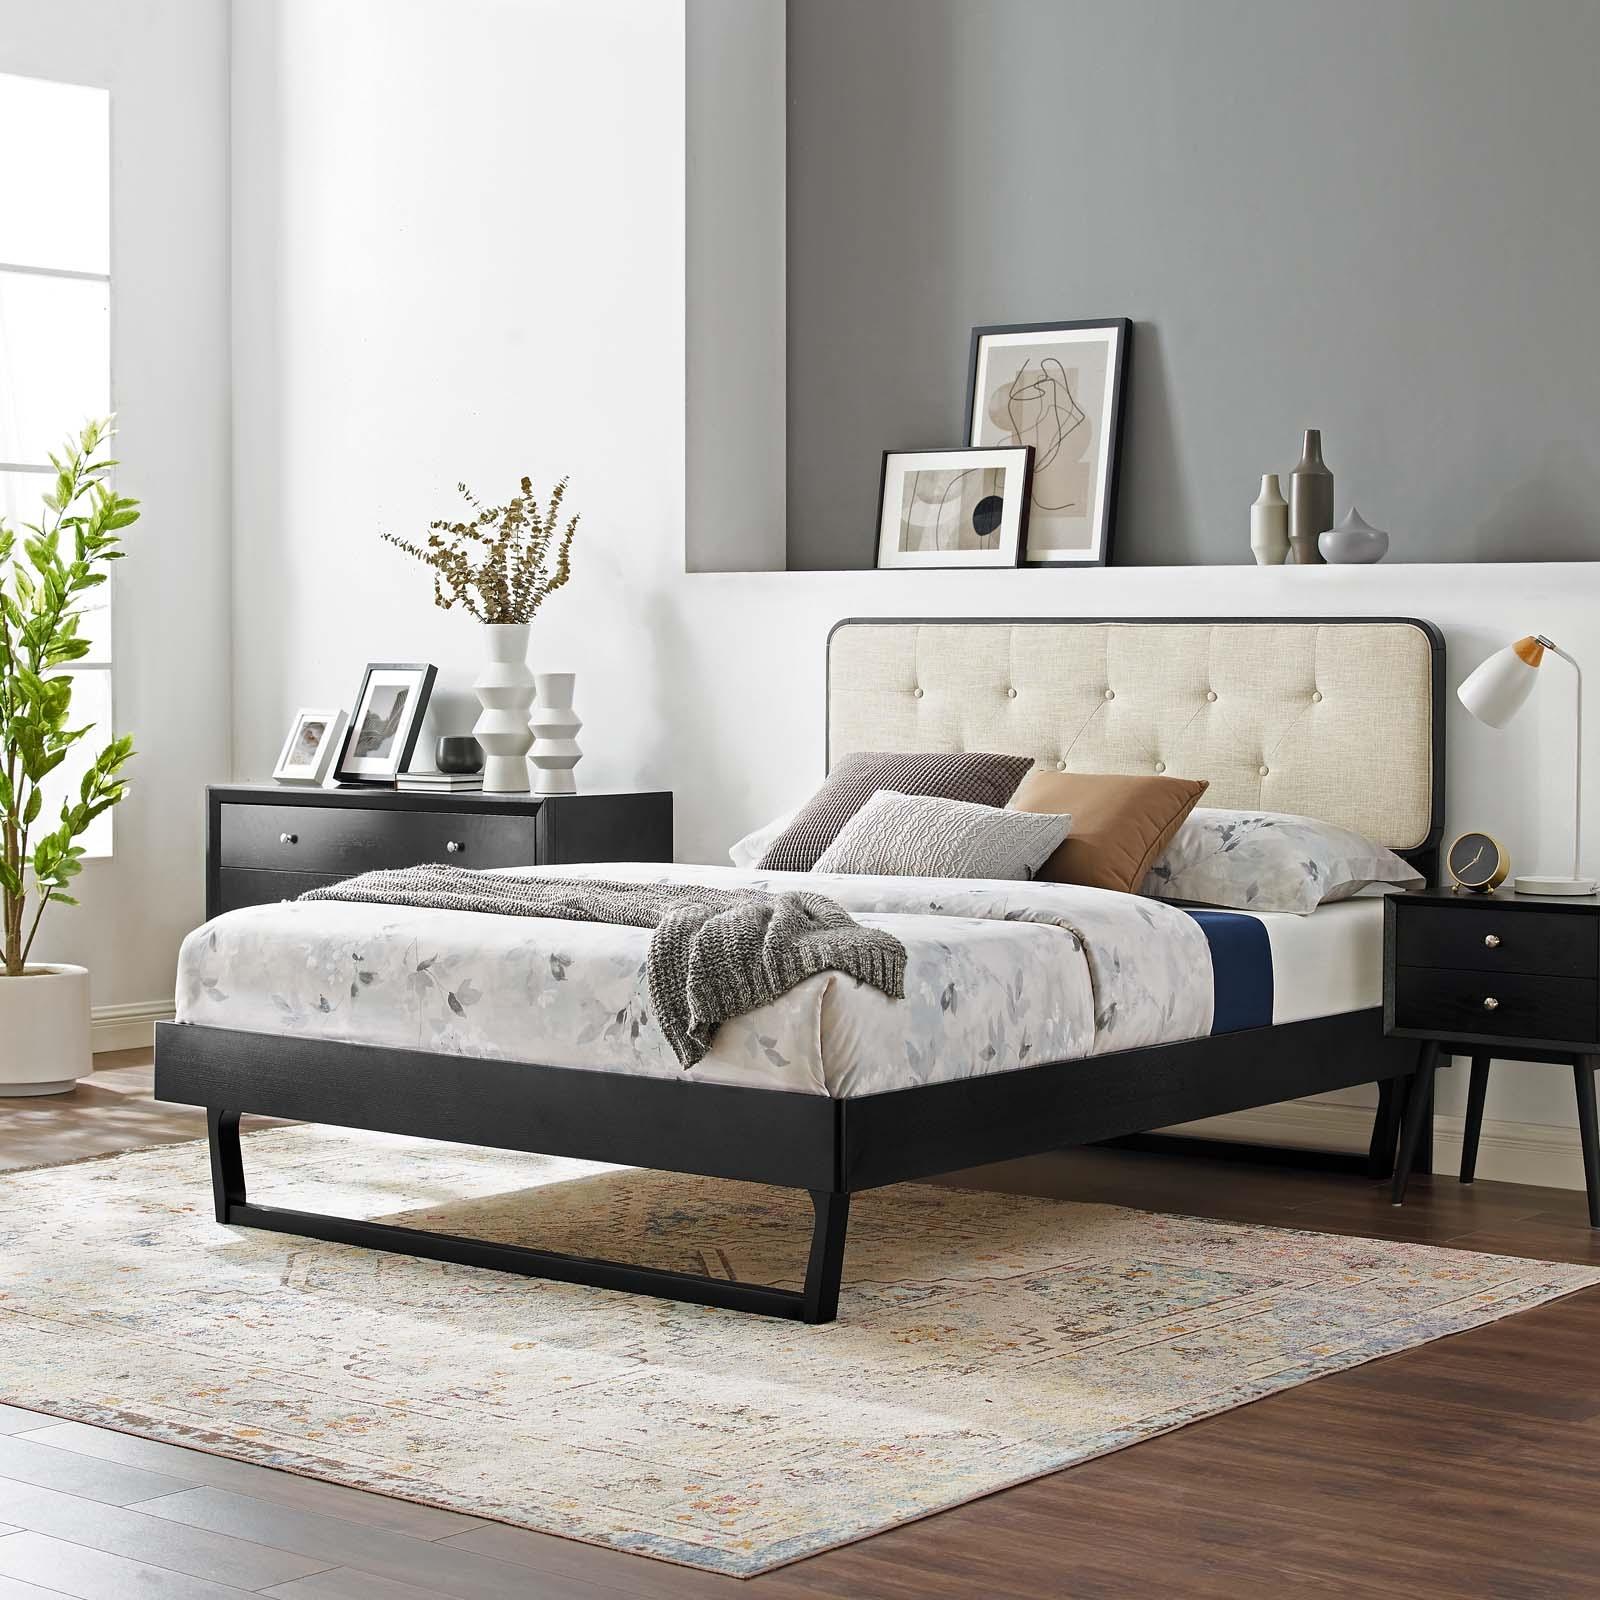 Bridgette Full Wood Platform Bed With Angular Frame in Black Beige